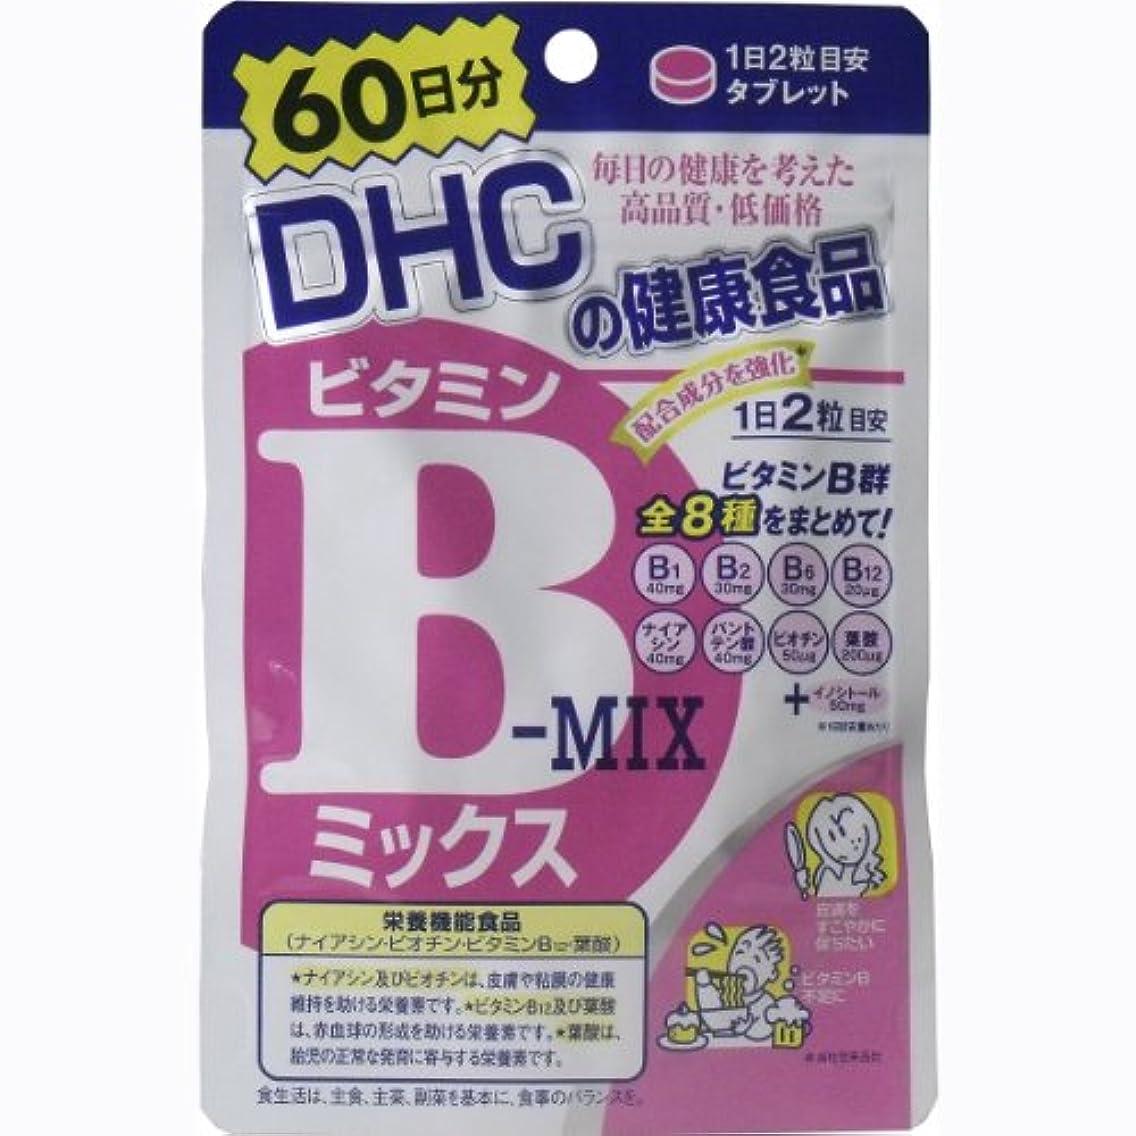 実証する世界に死んだカリキュラムDHC ビタミンBミックス 120粒 60日分 ×8個セット